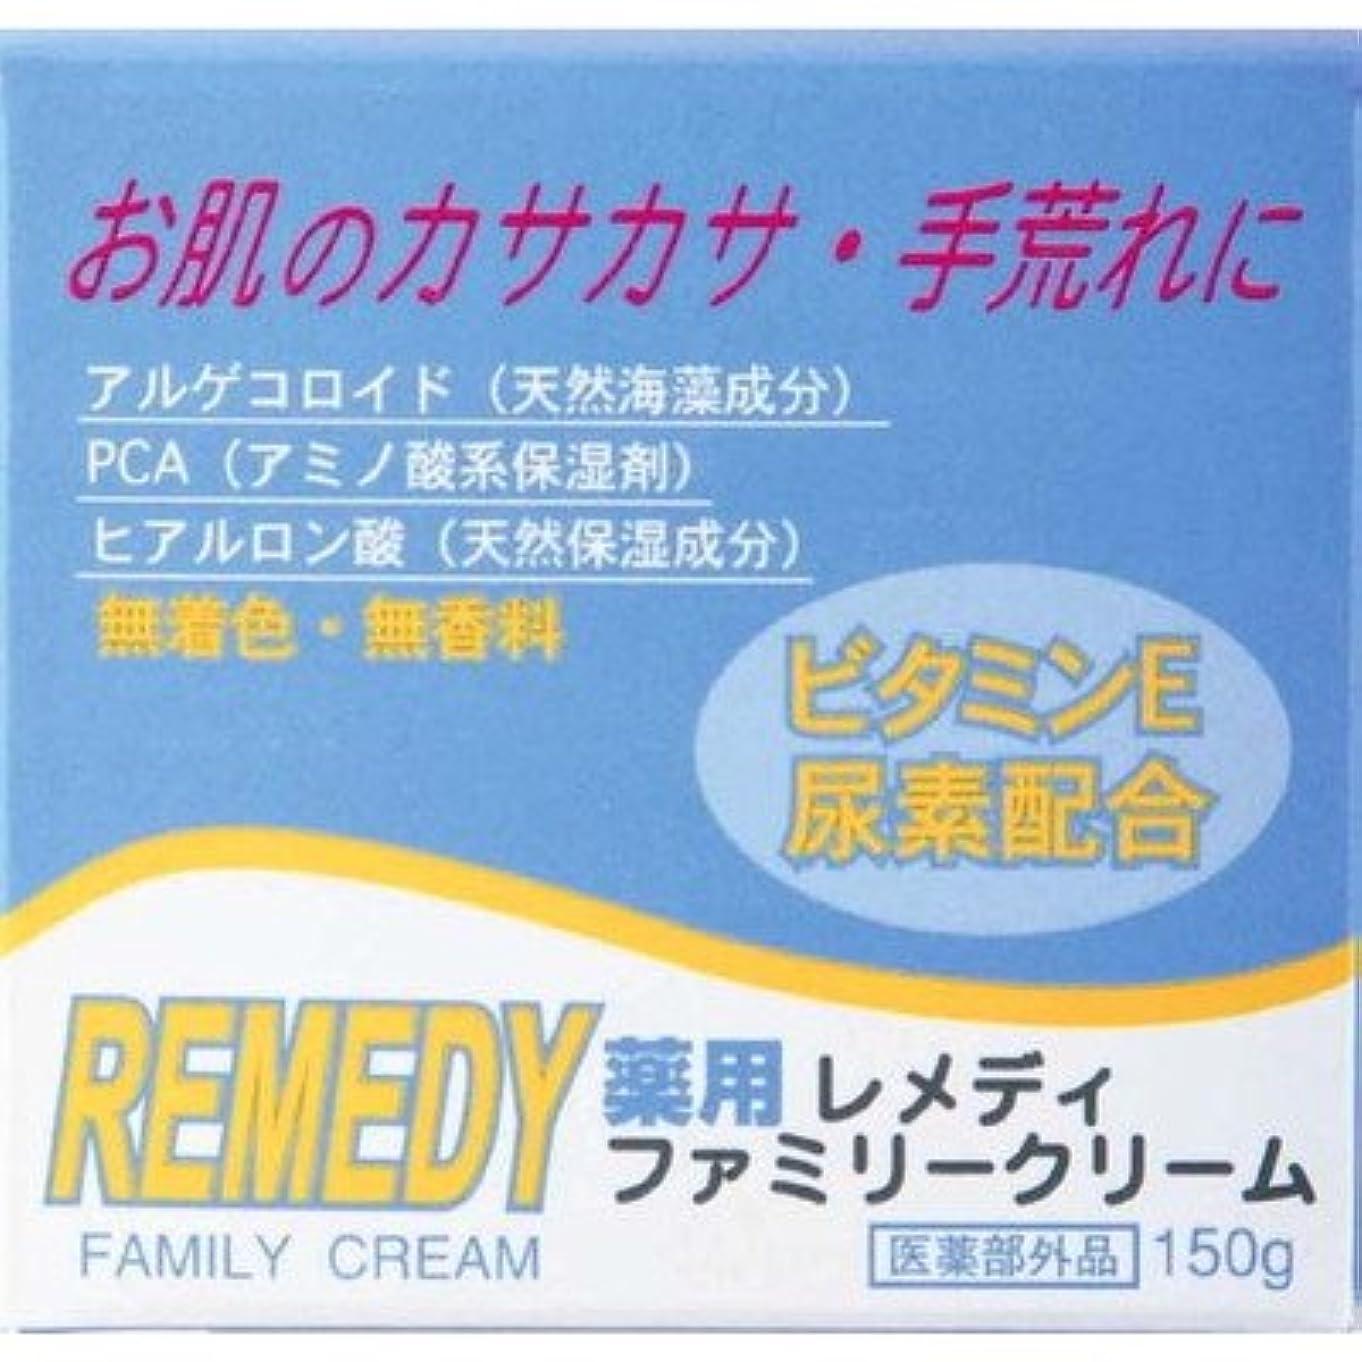 革命ユーザーチーター【医薬部外品】薬用レメディ ファミリークリーム 150g